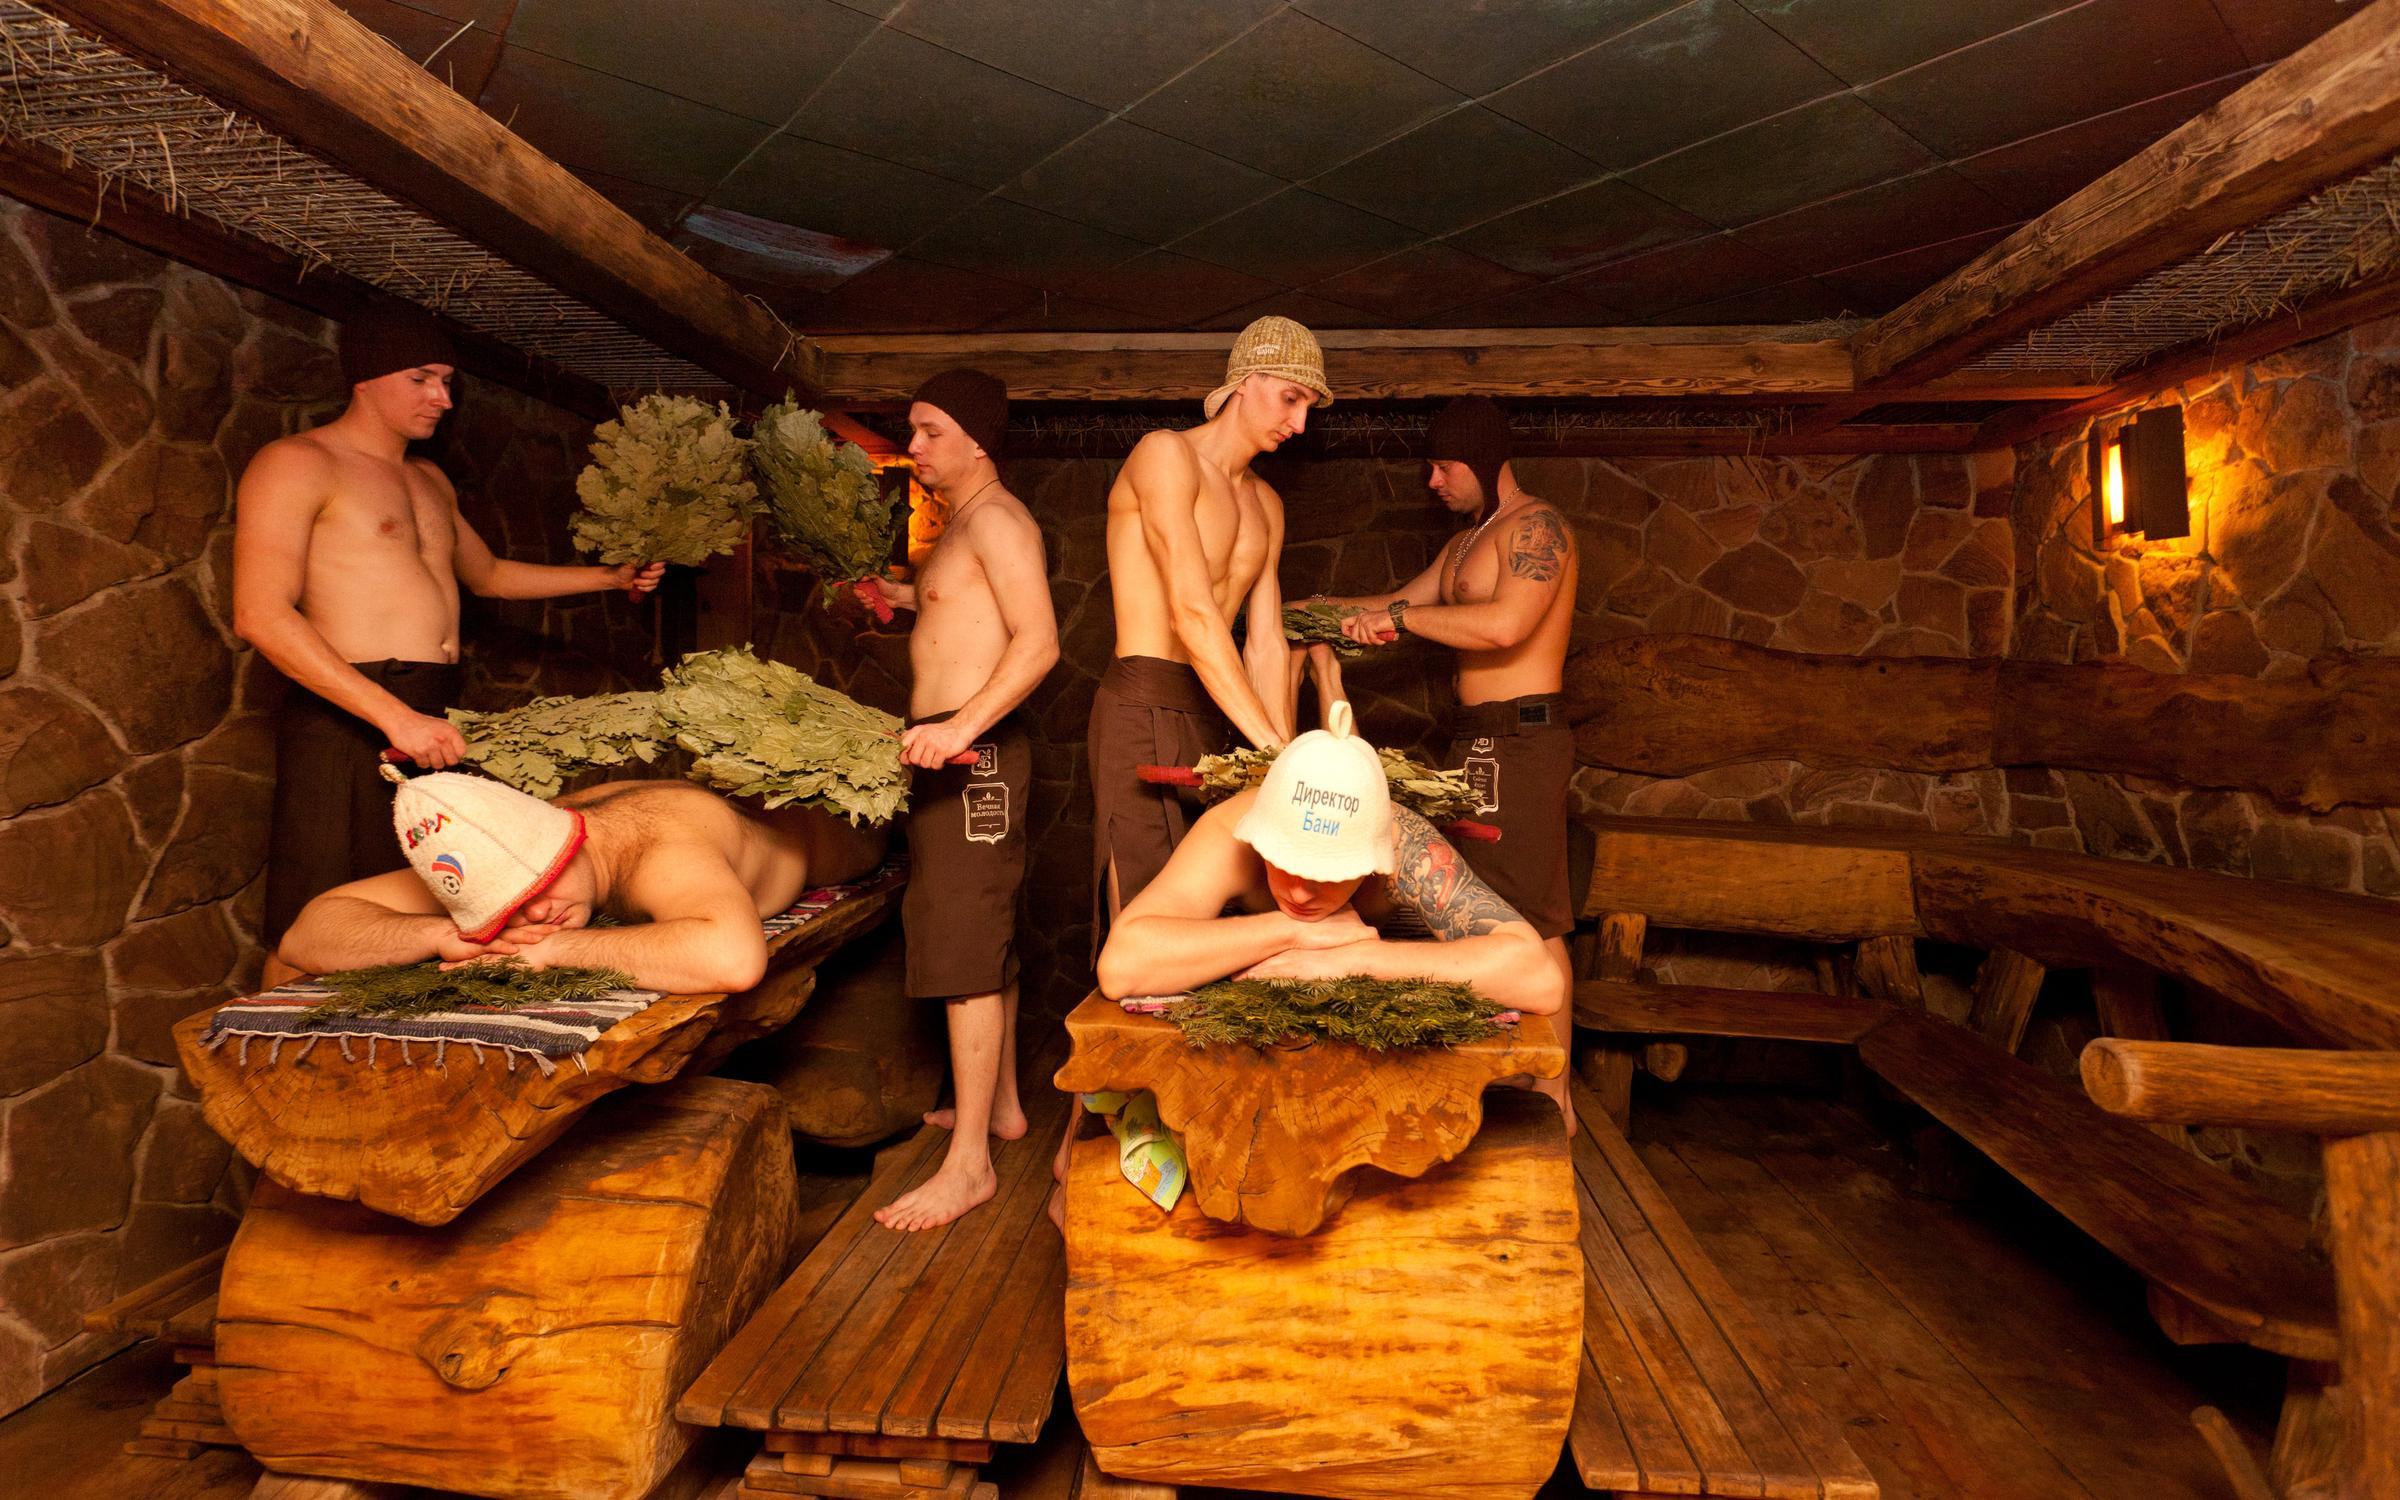 Спят в бане, Сонник Спать в бане видеть. К чему снится Спать в бане 20 фотография